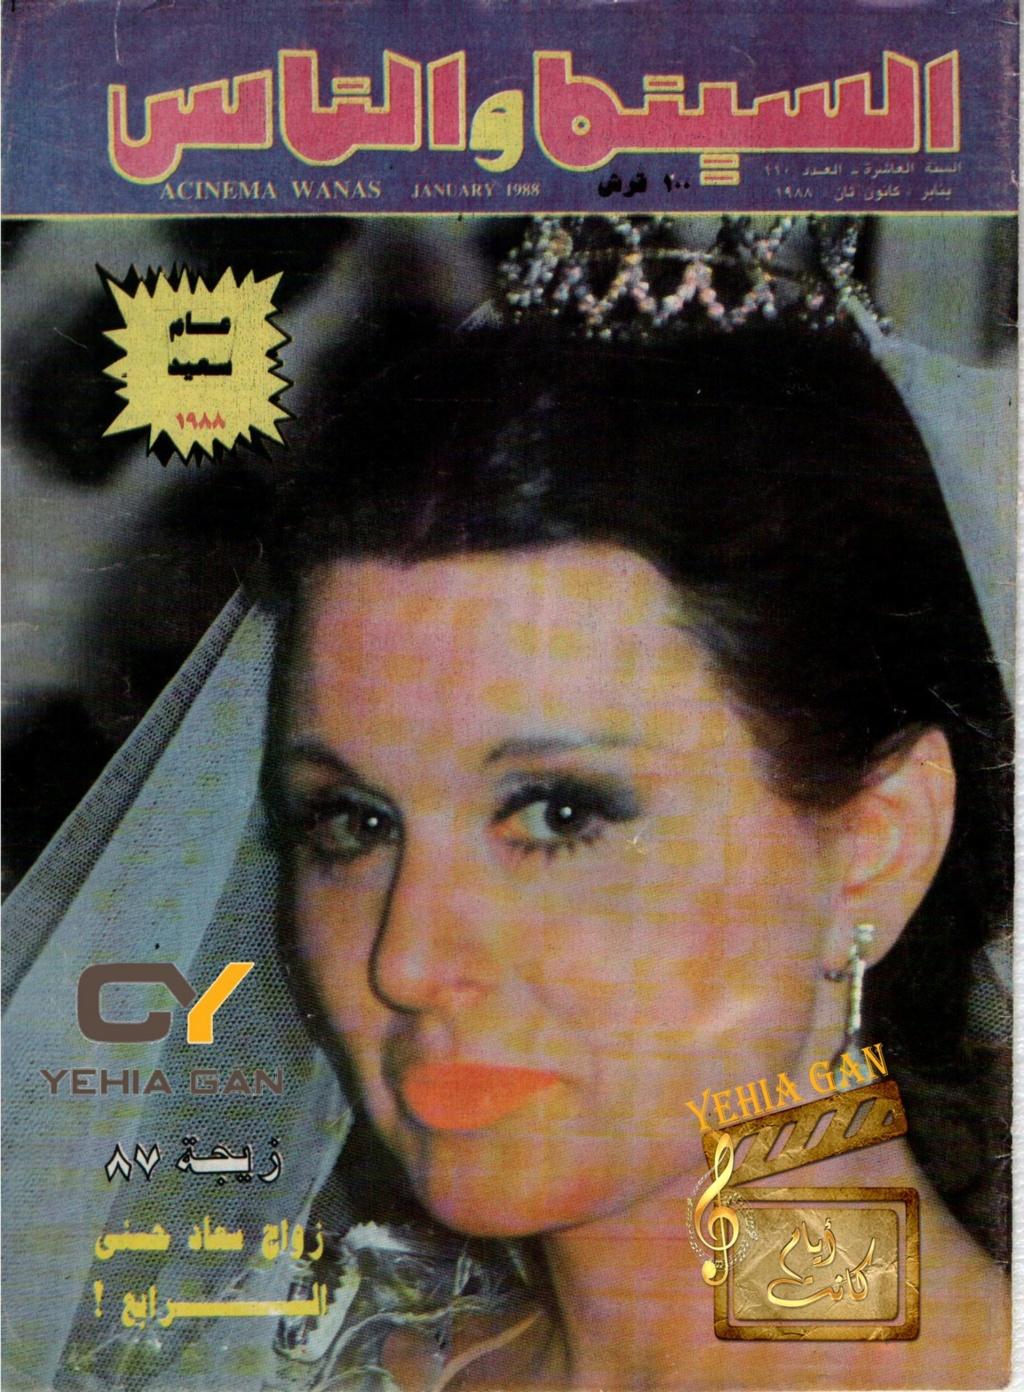 مقال - مقال صحفي : زيجة 87 زواج سعاد حسني الرابع .. !! 1988 م 1199